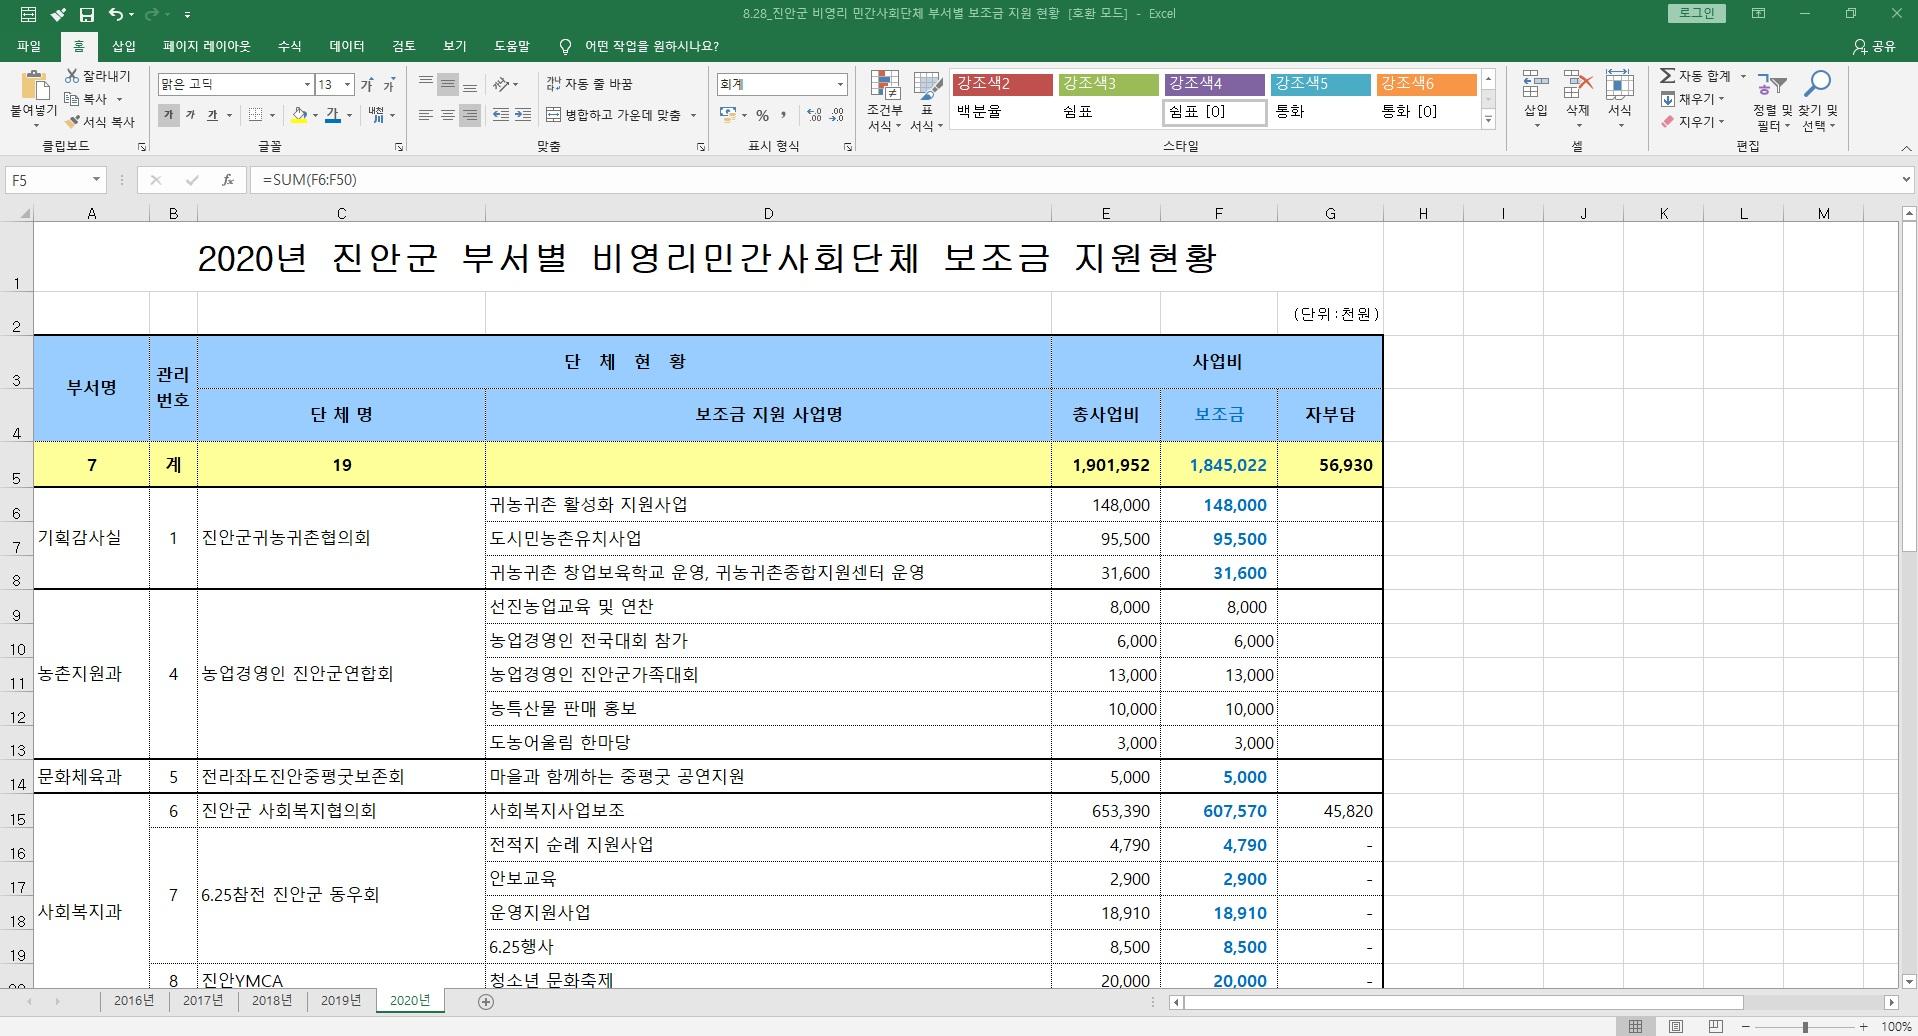 8.28_20.8.19_진안군 부서별 비영리민간사회단체 보조금 지원현황.jpg